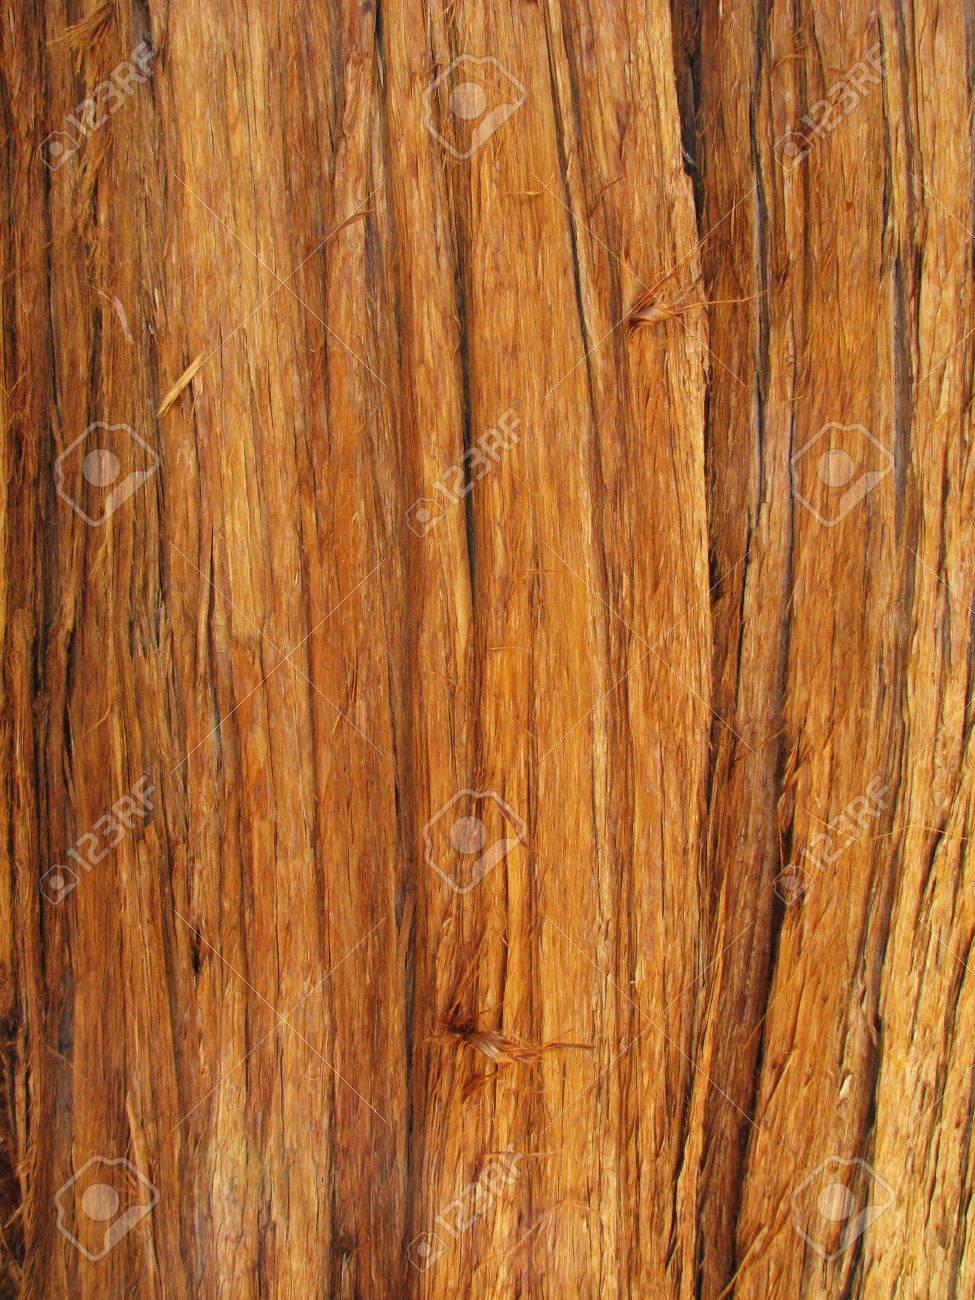 Rot Zeder Stamm Mit Rinde Fur Hintergrund Verwenden Lizenzfreie